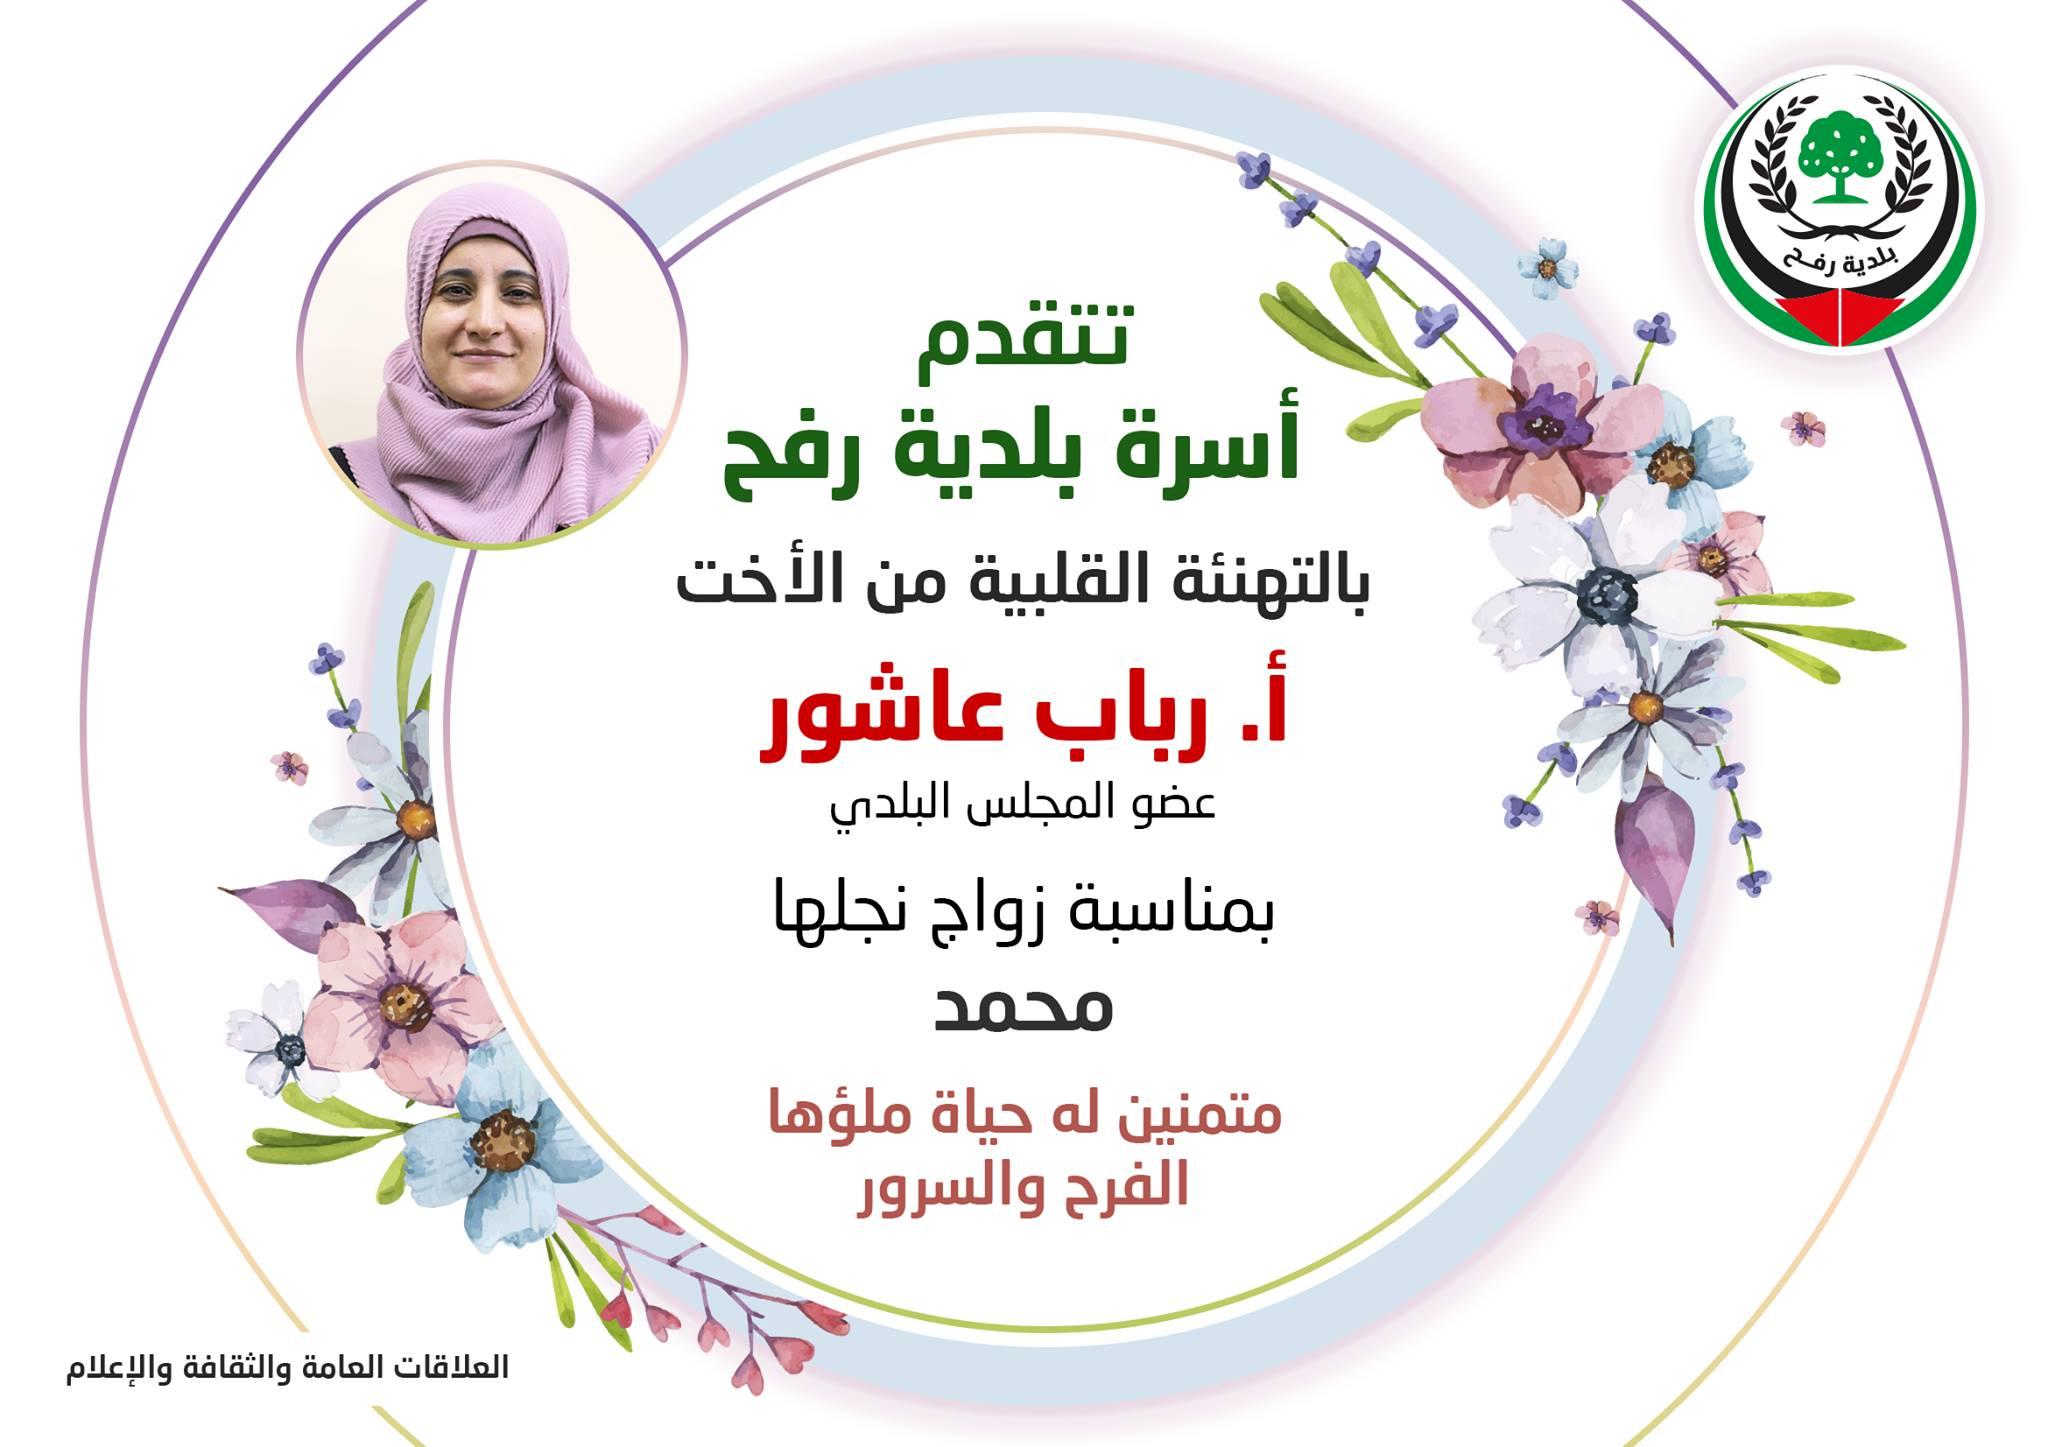 تهنئة لعضو المجلس البلدي أ. رباب عاشور بزواج نجلها